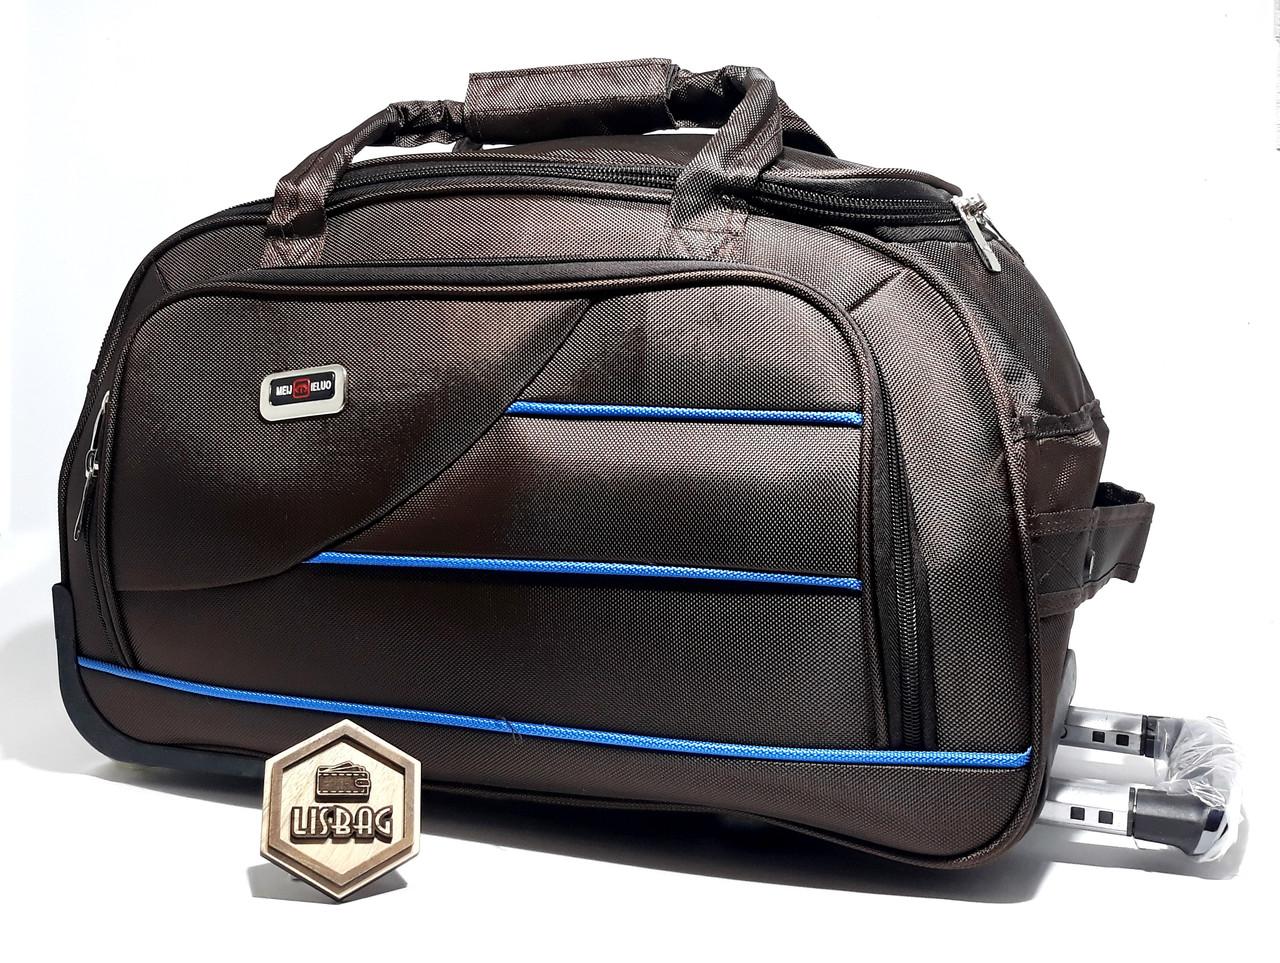 d67d6b81ff50 Большая сумка на колесах XL (77 л) Темно-коричневая (65*33*37 ...